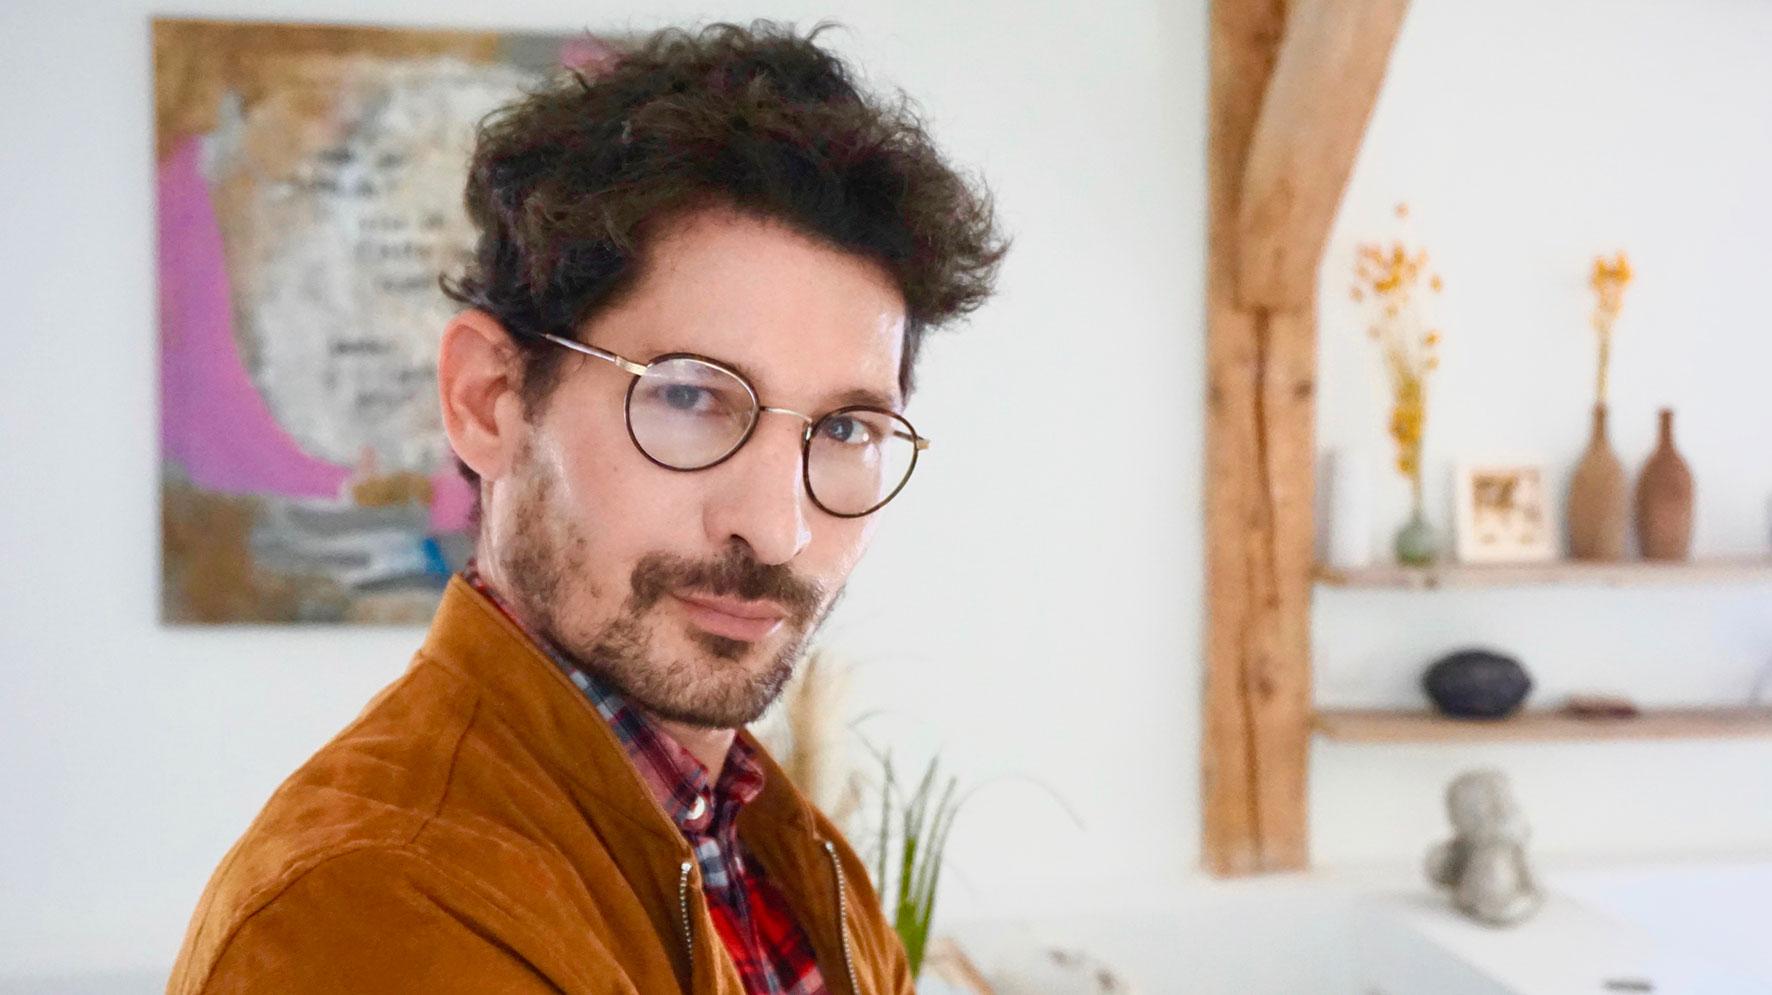 portrait-julientelinhos-visage-mamaisondartiste